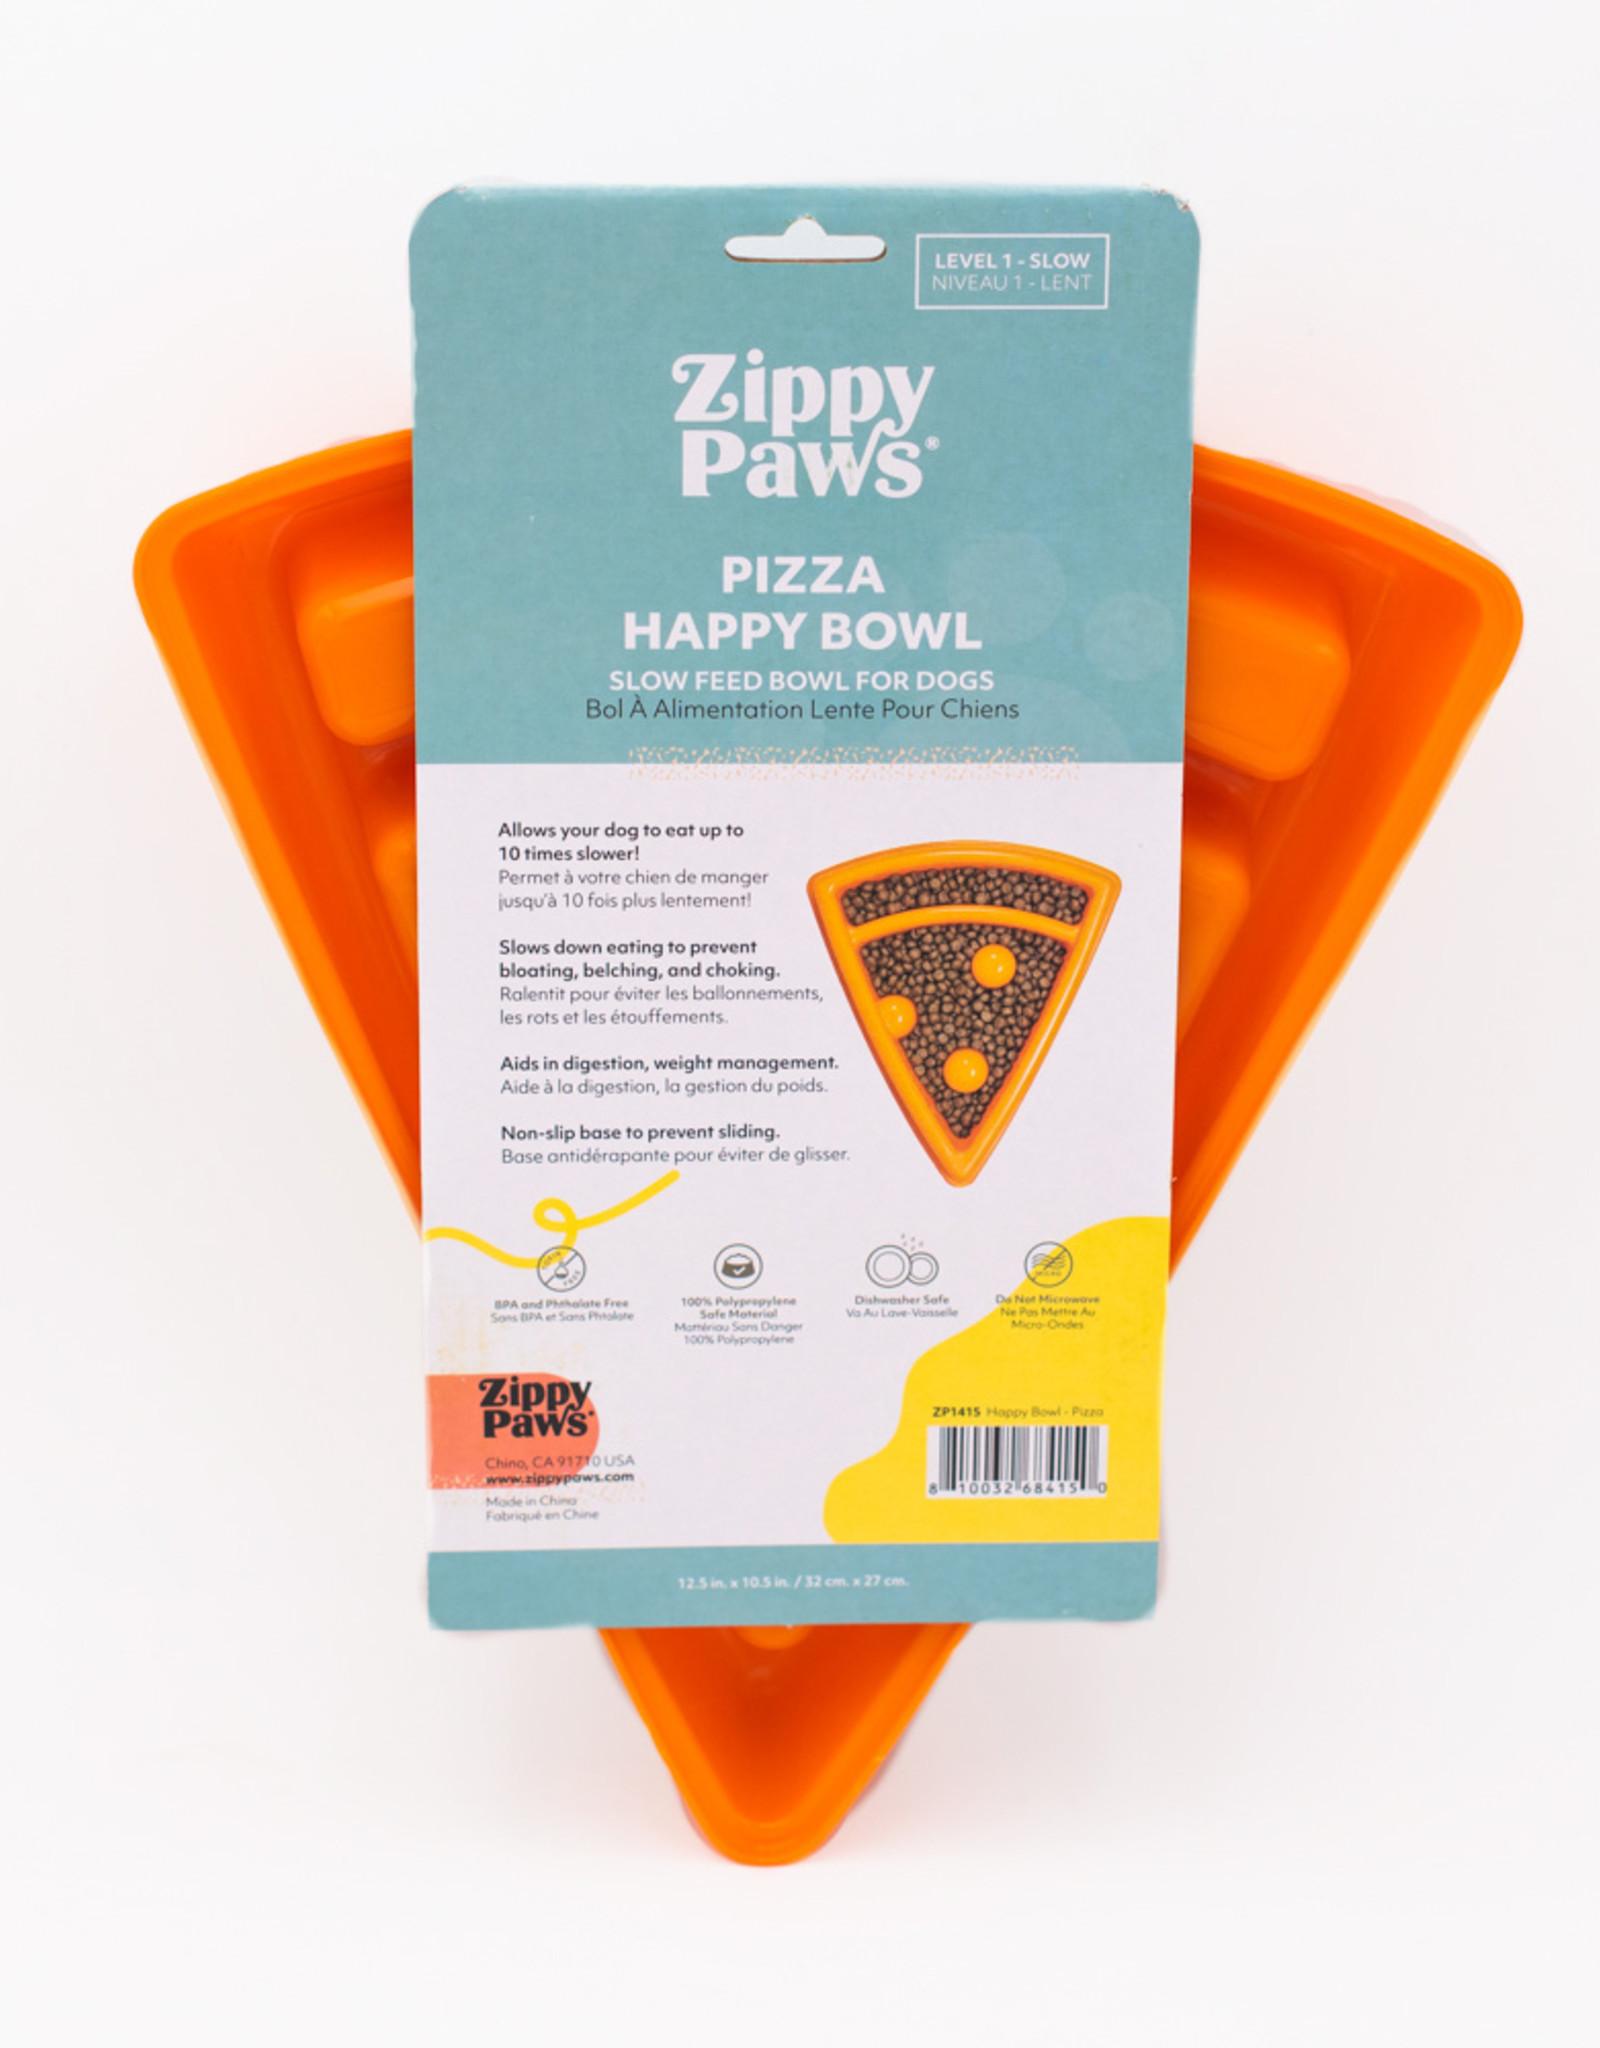 Zippy Paws Pizza Happy Bowl